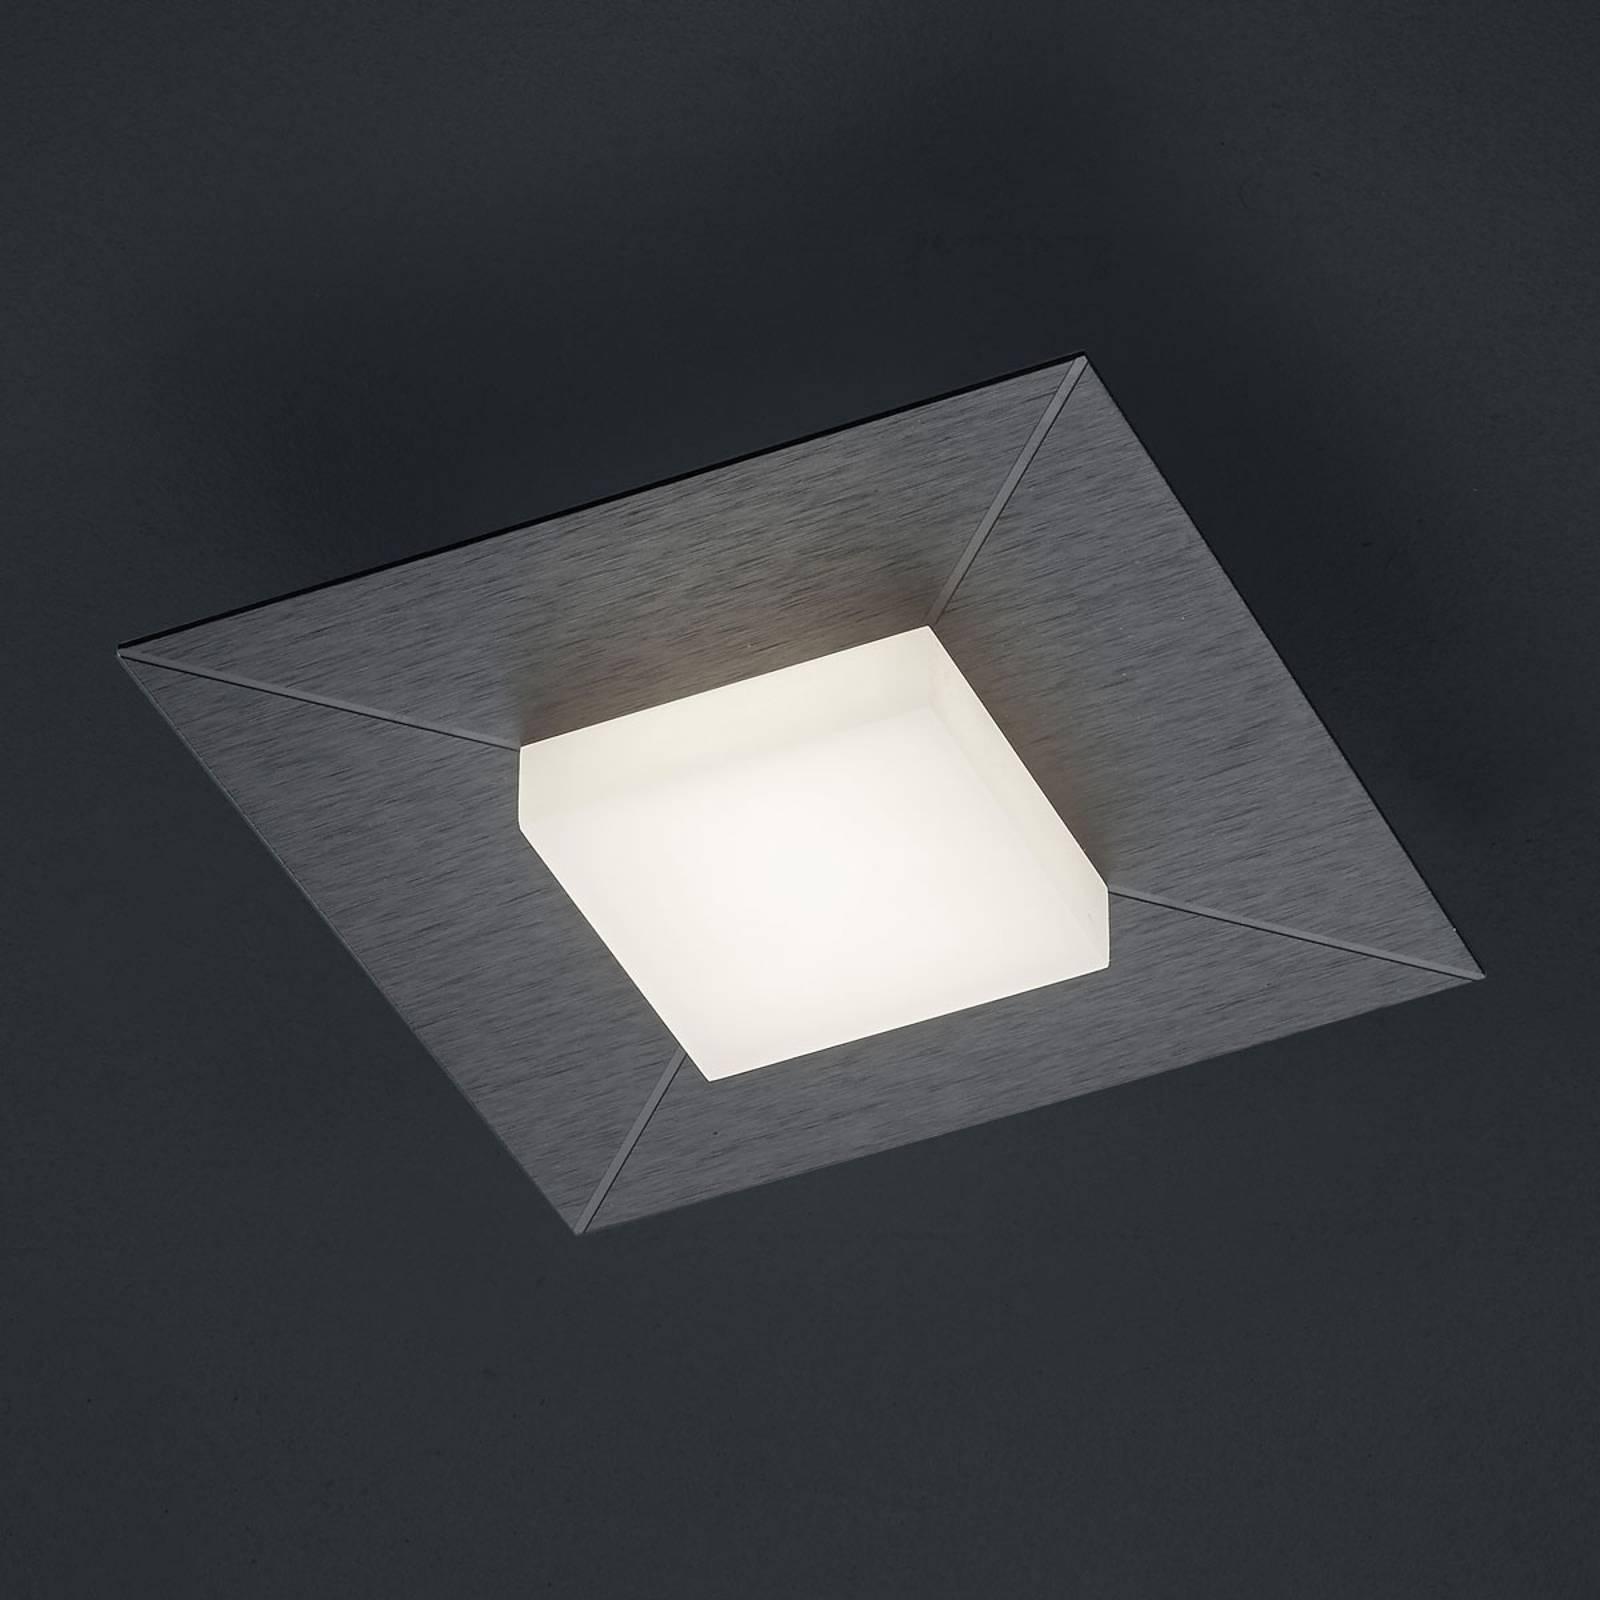 BANKAMP Diamond Deckenleuchte 17x17cm, anthrazit